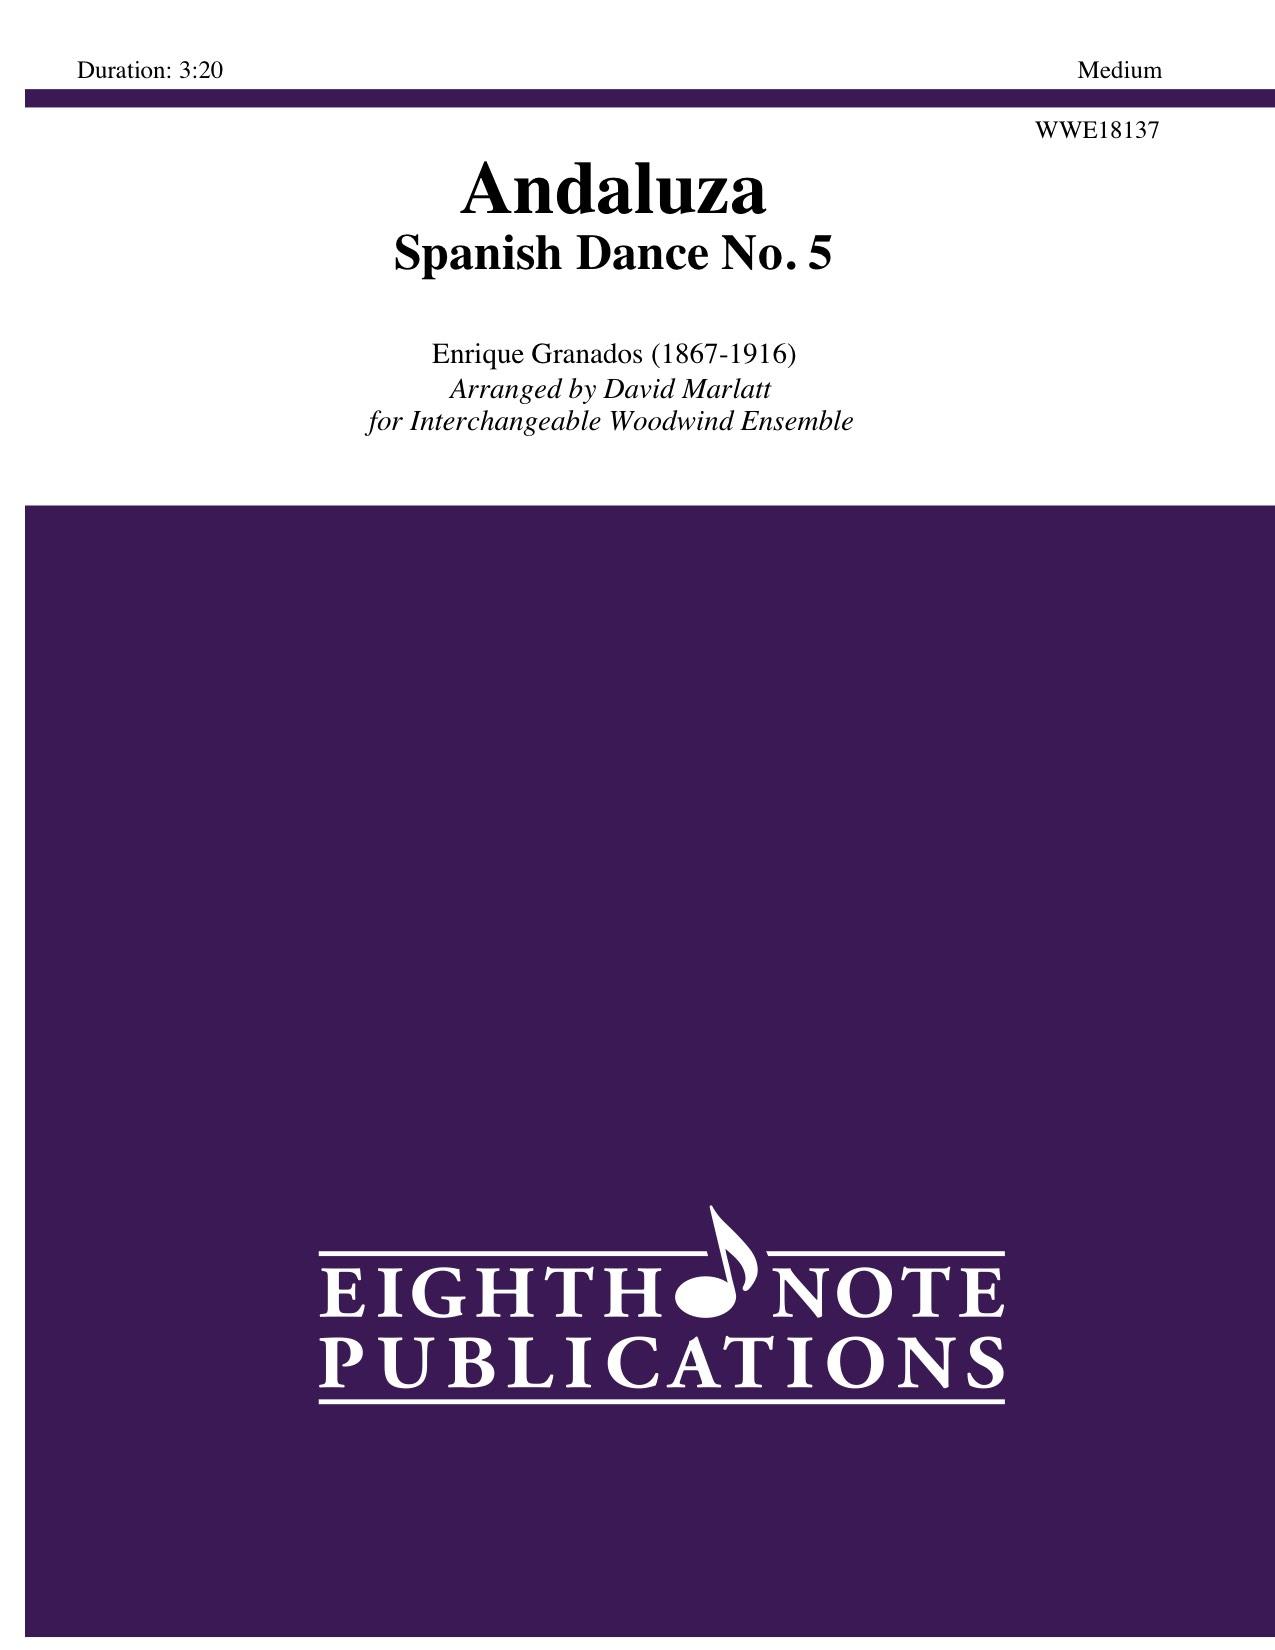 Andaluza - Spanish Dance No. 5 - Enrique Granados